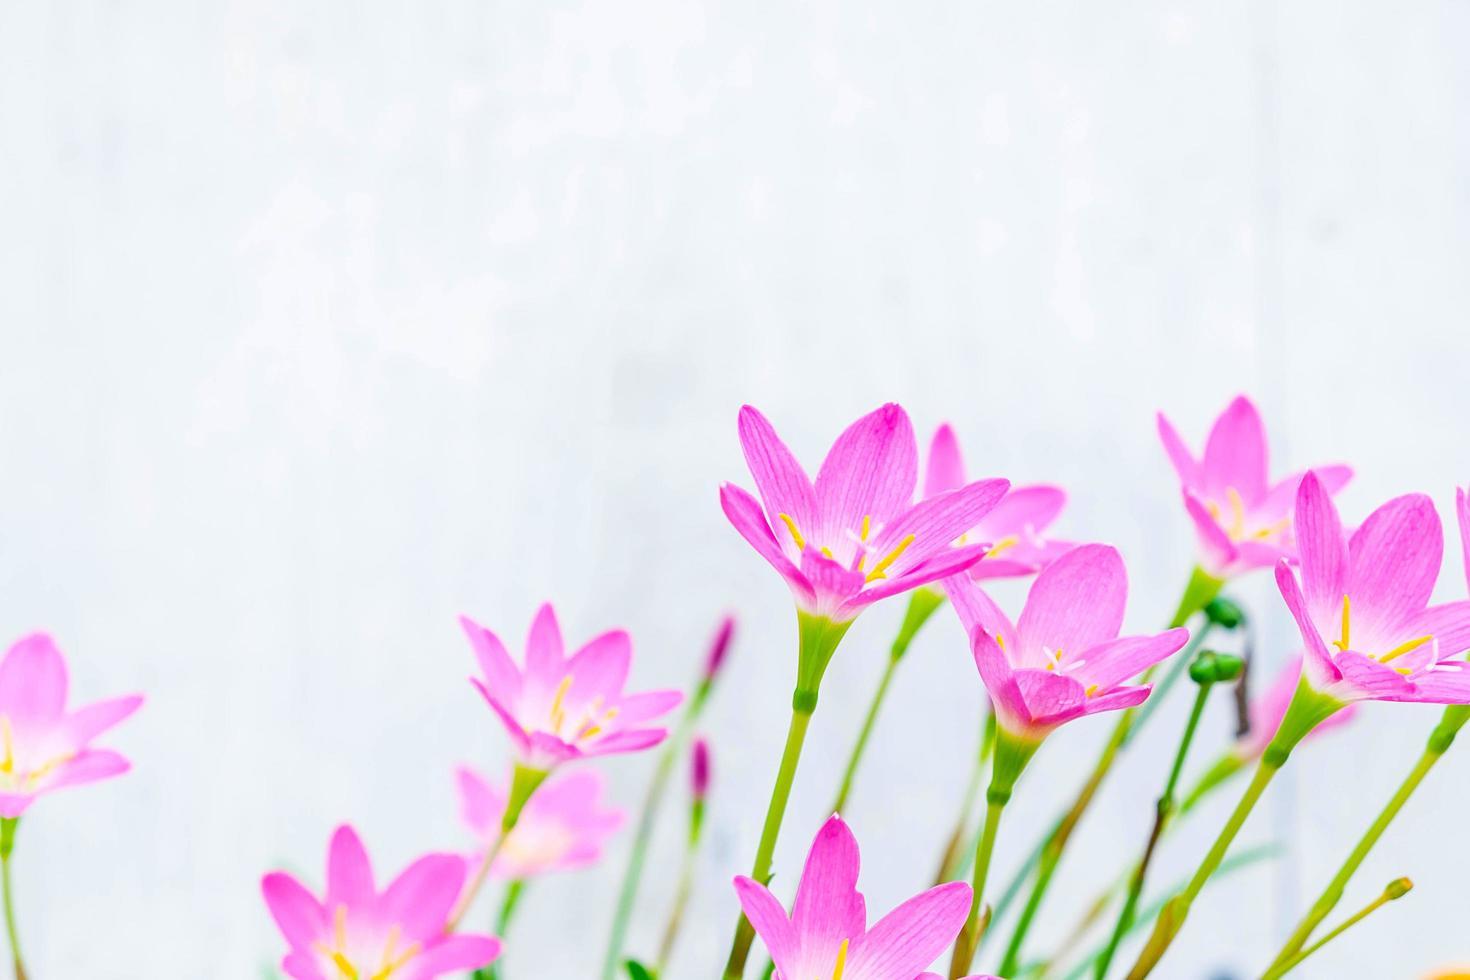 rosa och lila blommor bredvid en blå vägg foto